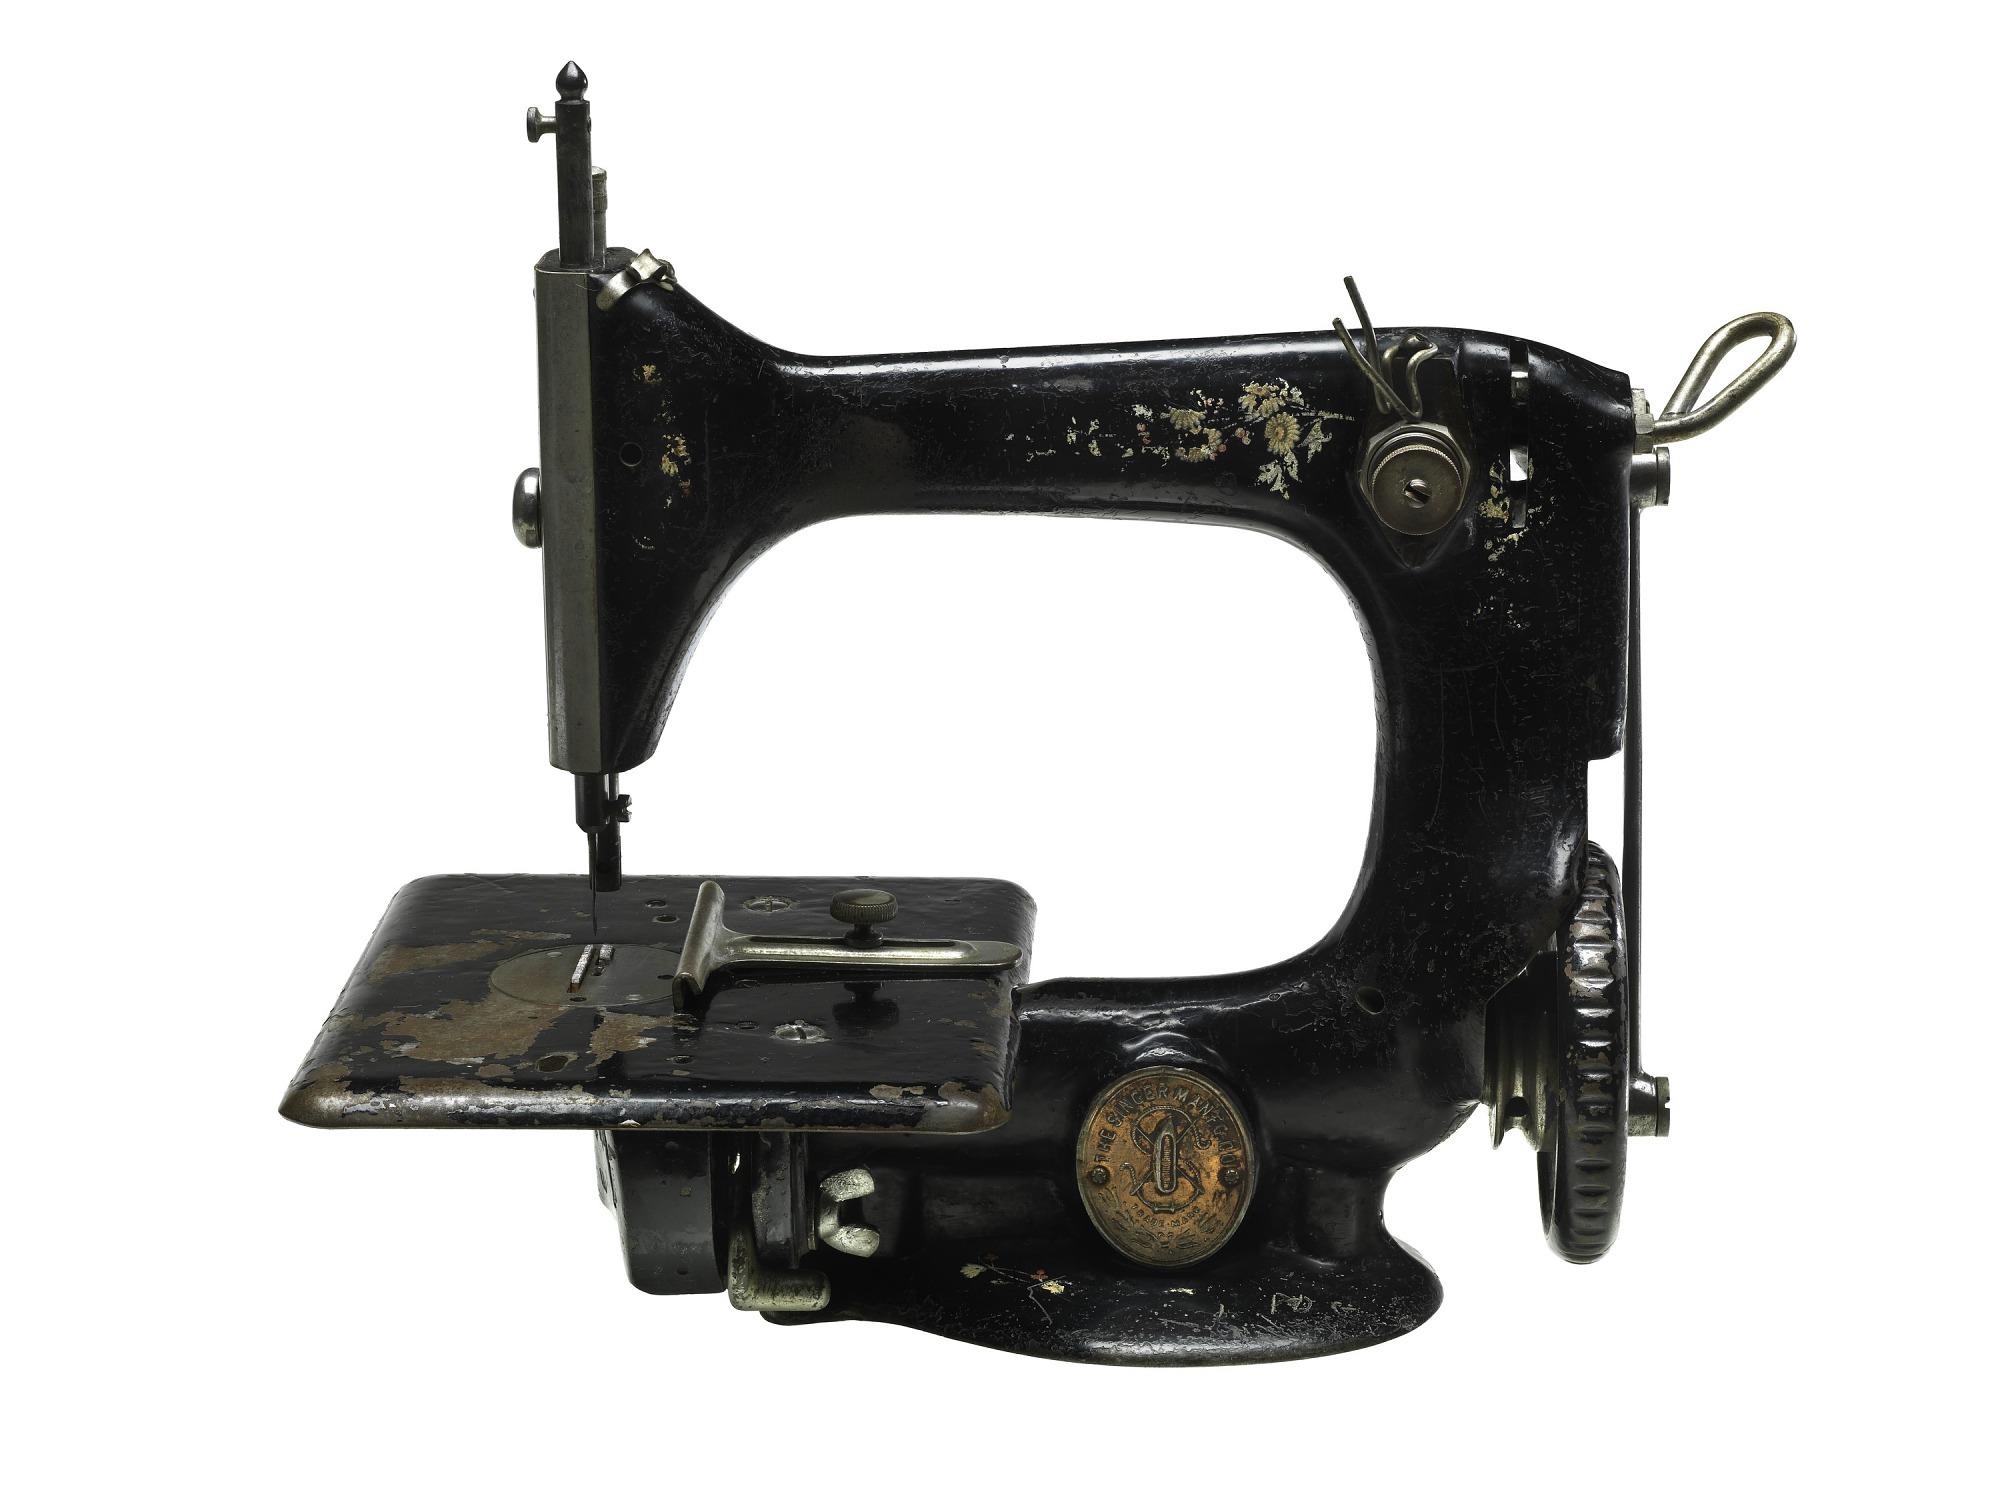 Singer Sewing Machine, 1910